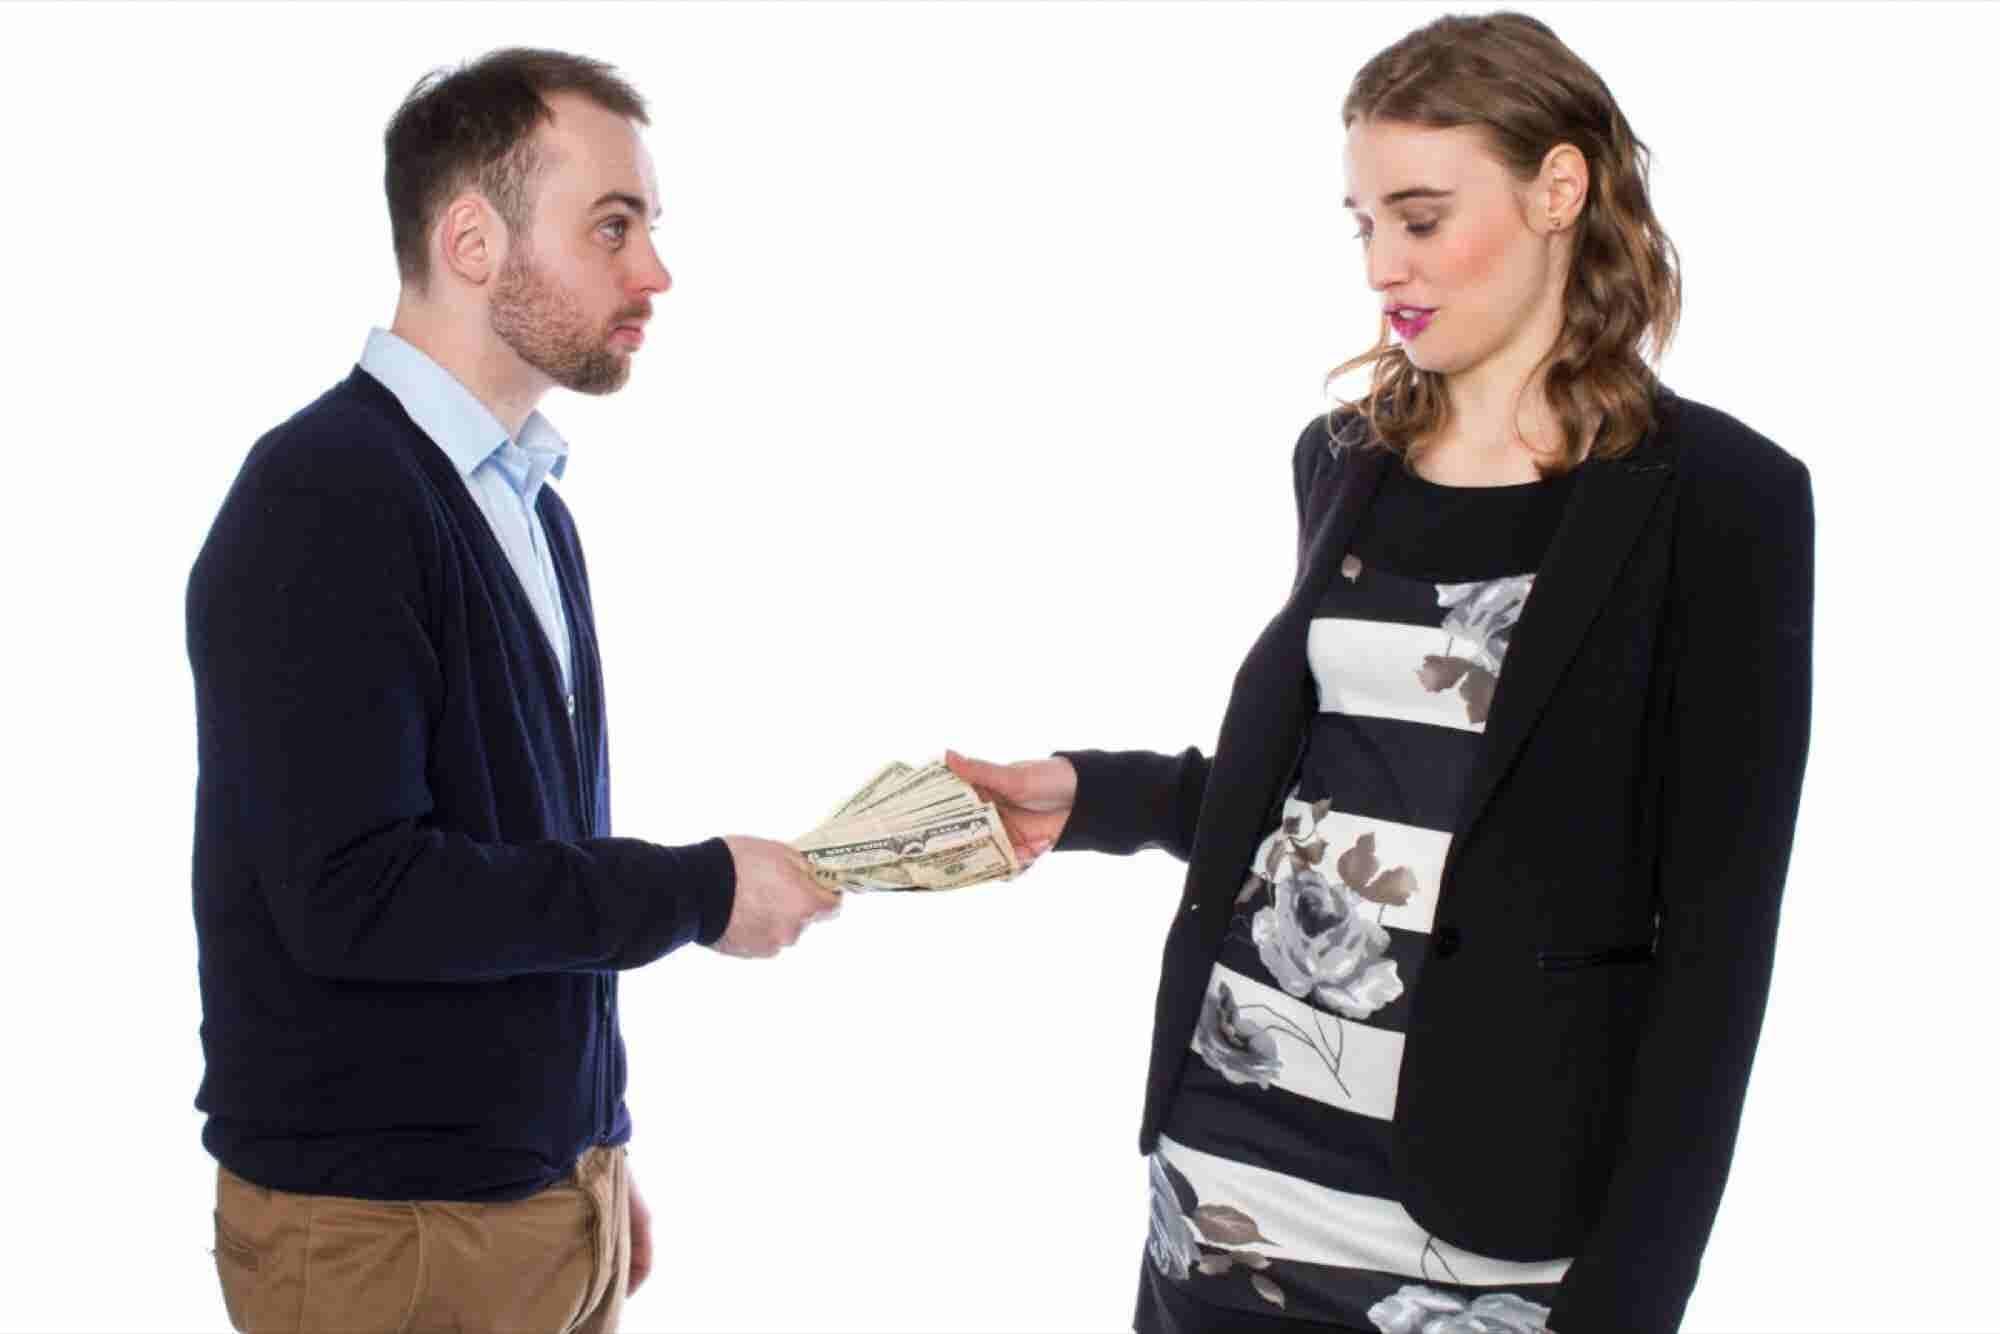 Cómo prestar dinero a familia o amigos (sin dejar de hablarles)